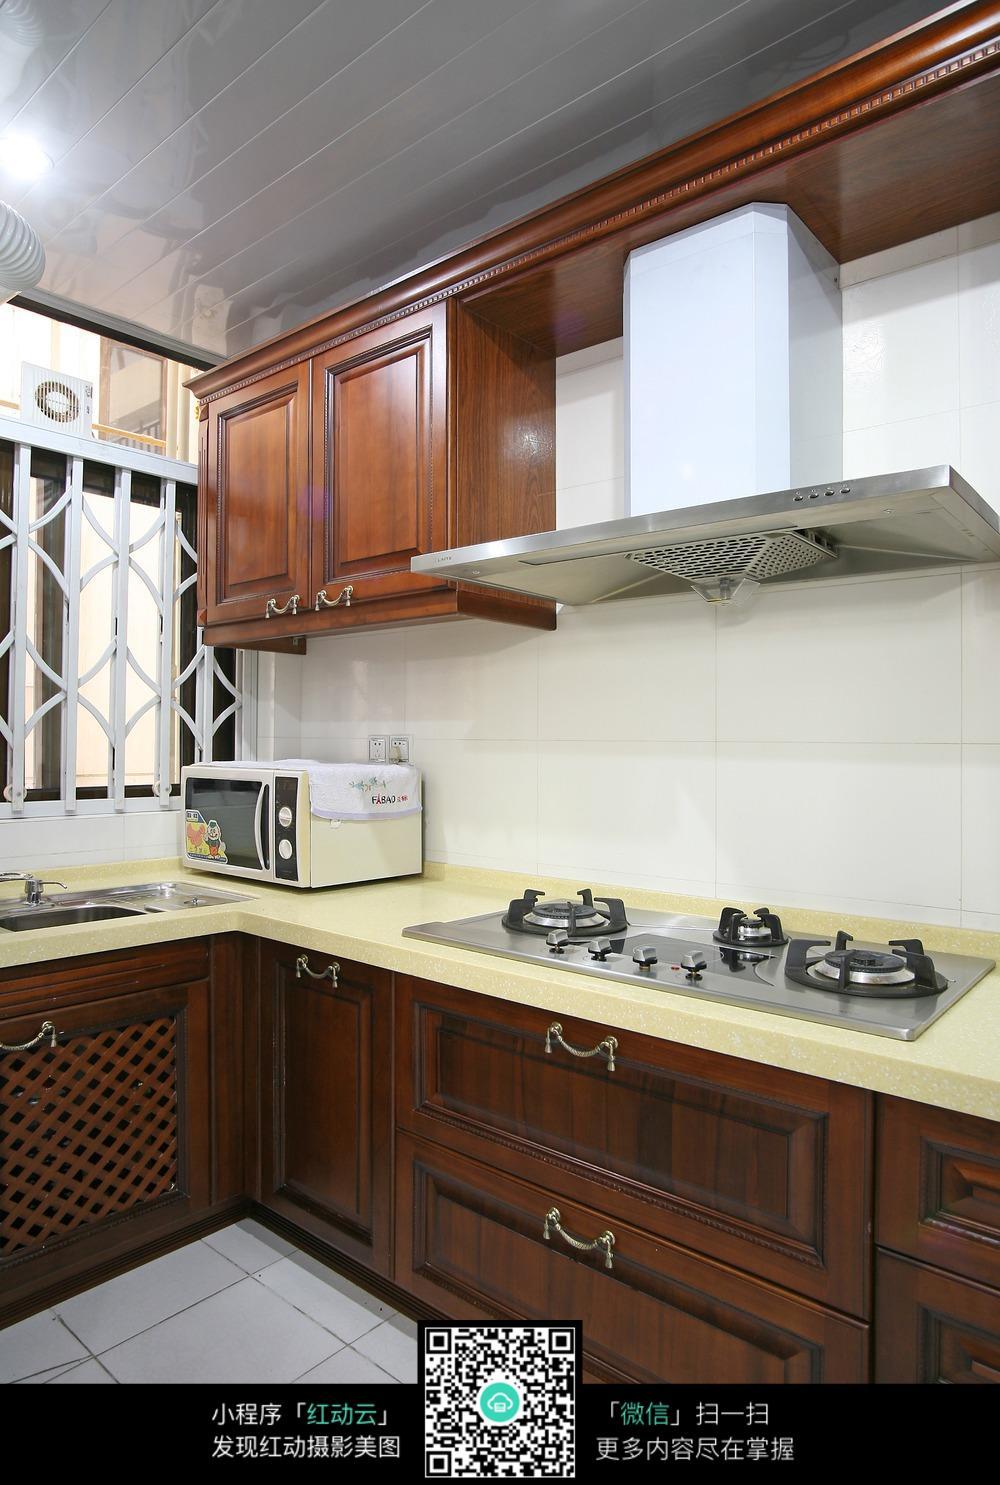 简约复古木柜厨房装修效果图图片